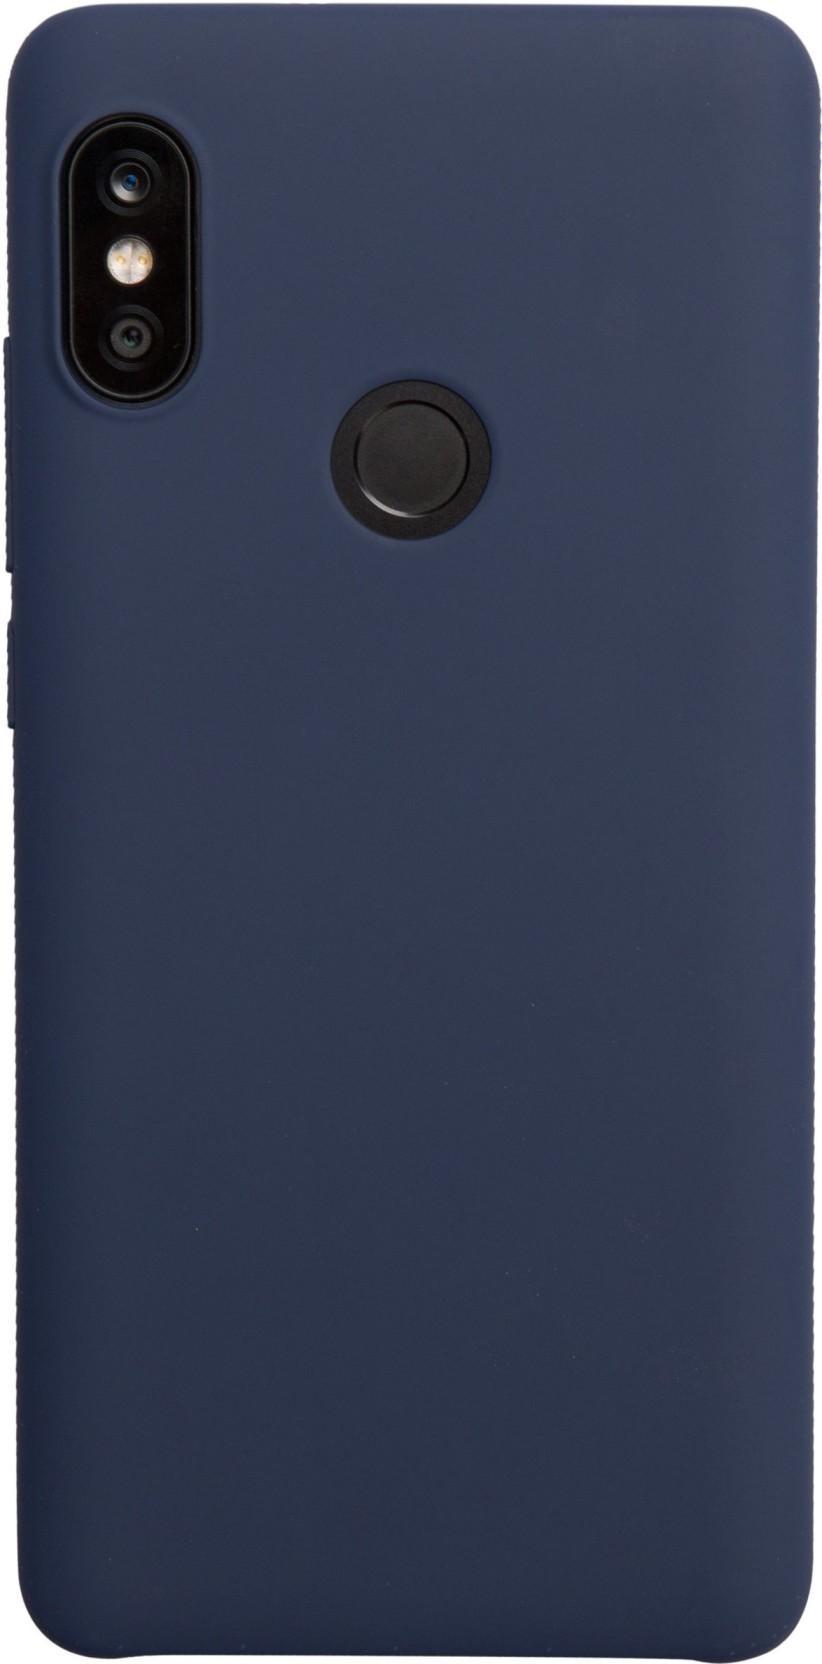 Xiaomi Back Cover For Mi Redmi Note 5 Pro Slim Case Matte Black Babyskin Plus 5plus New Hot Type Home